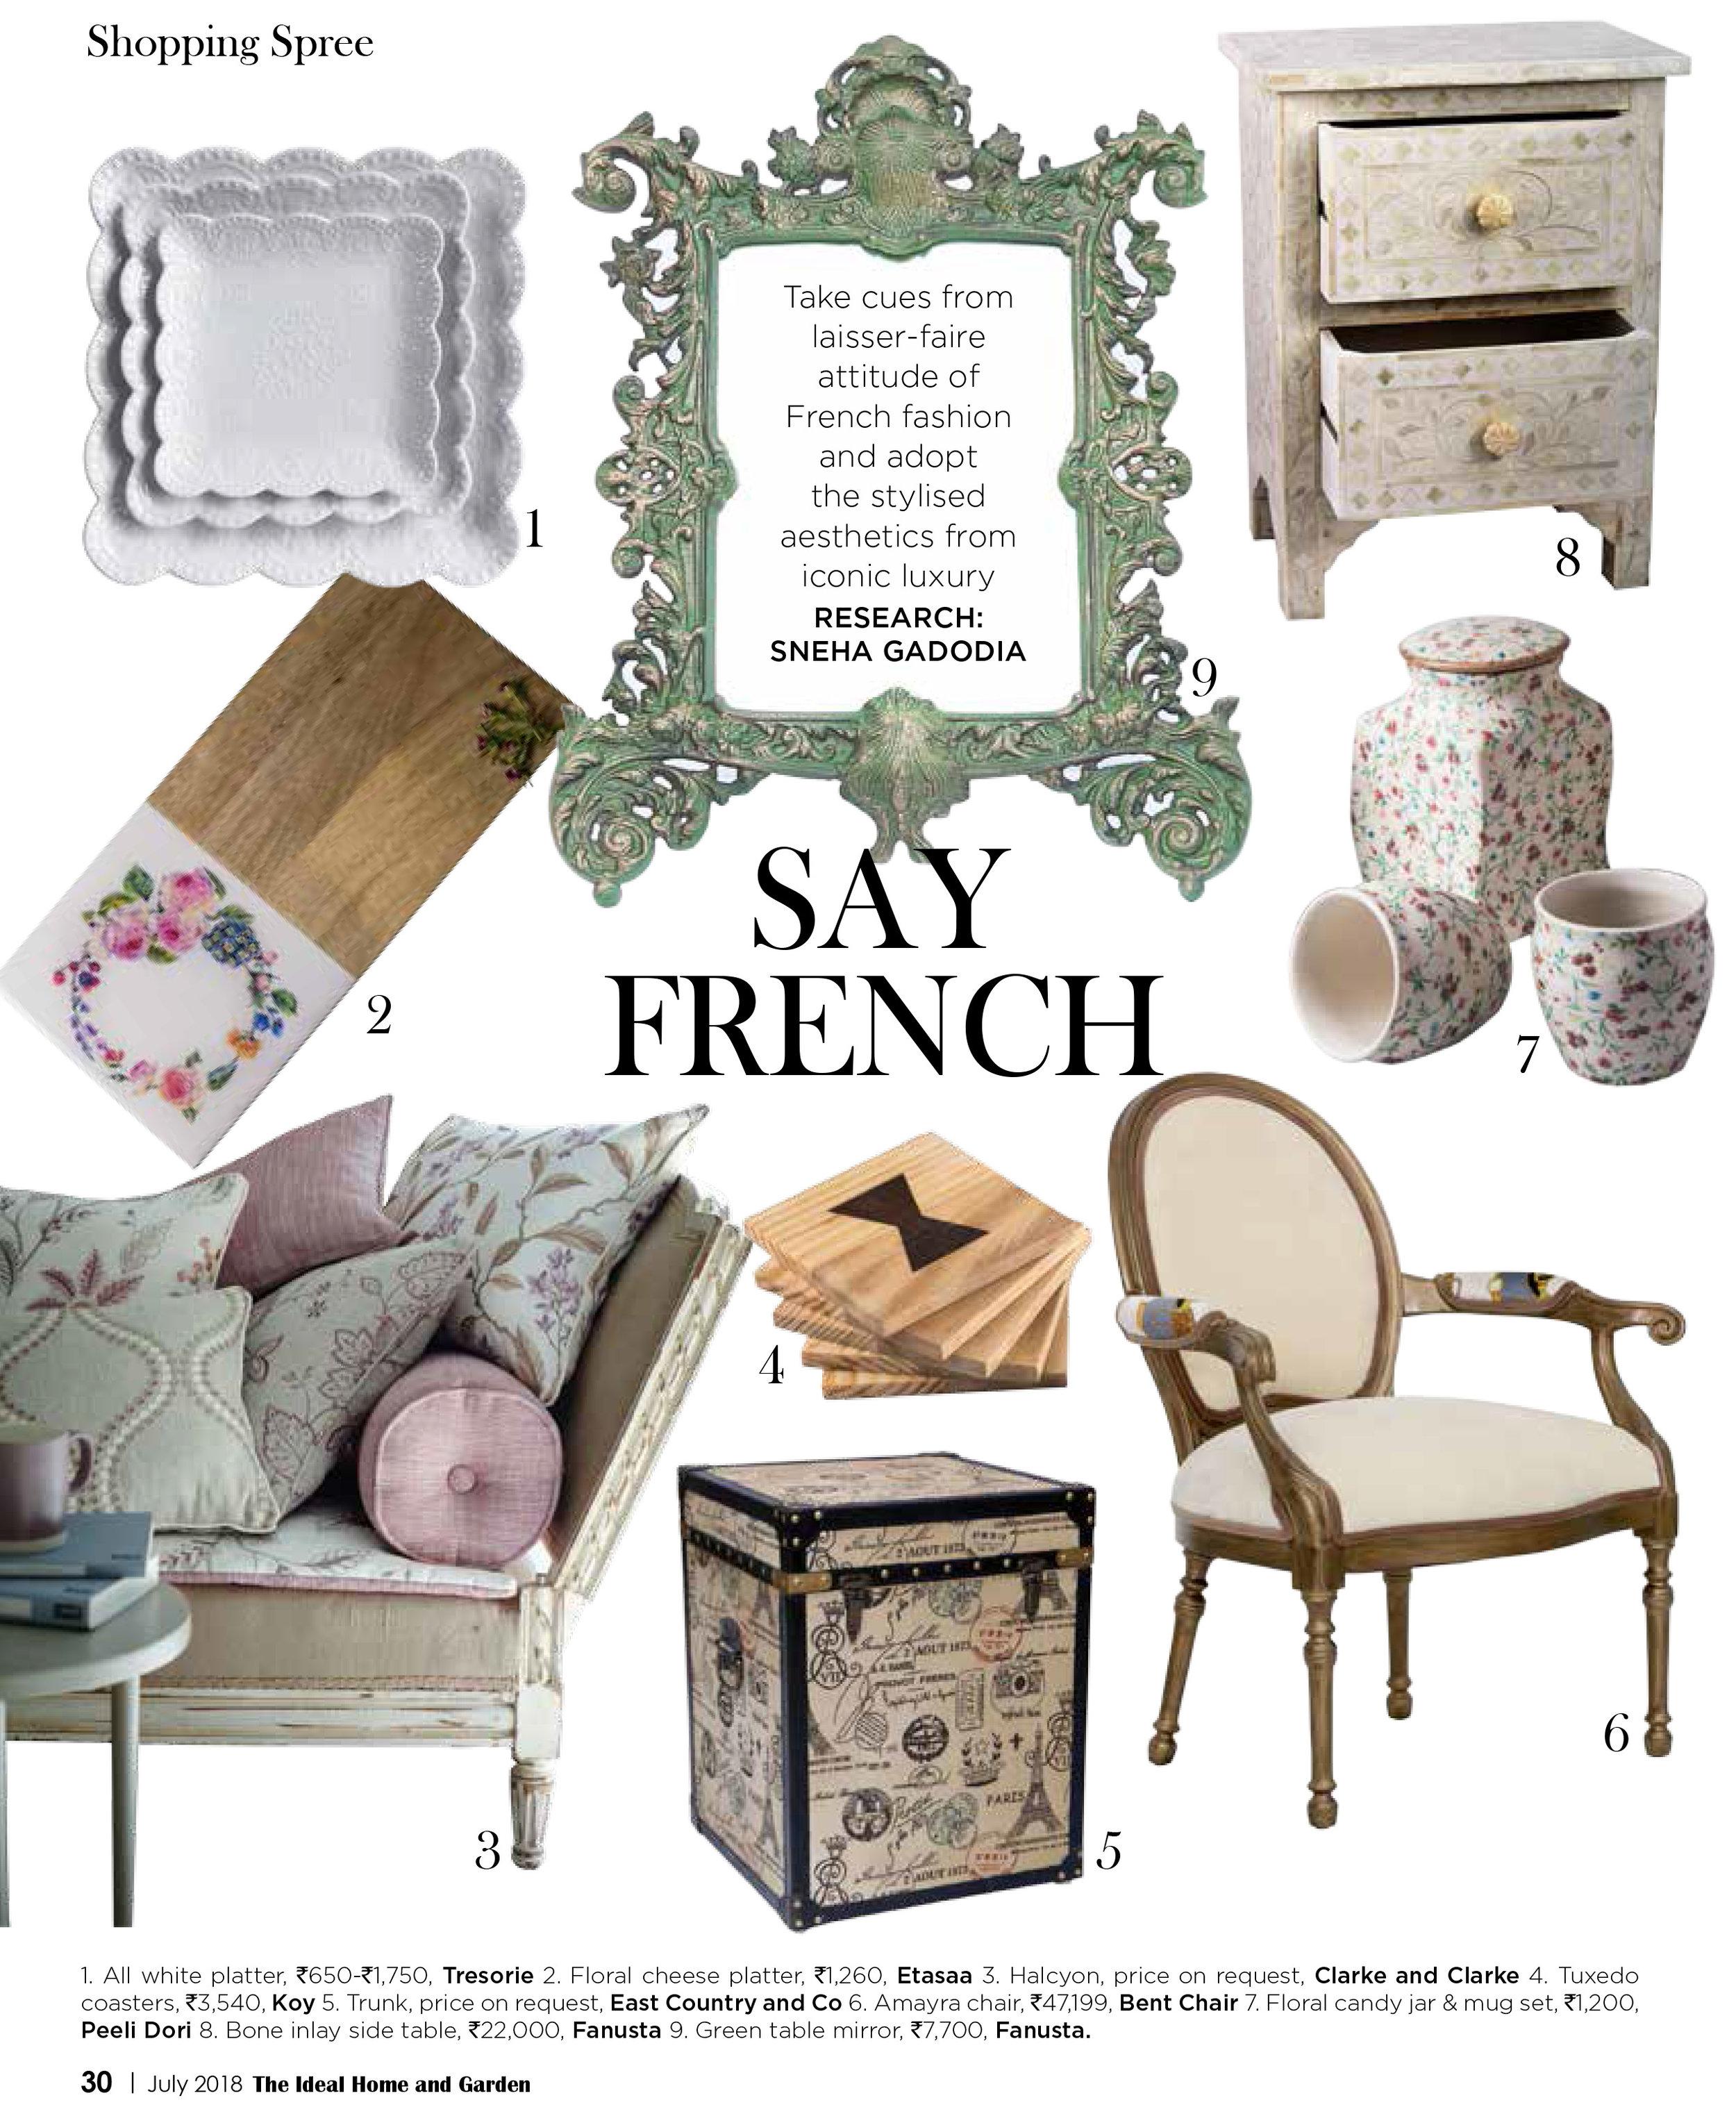 Ideal Home & Garden | Shopping Spree |  KOY  |  Tuxedo Coasters